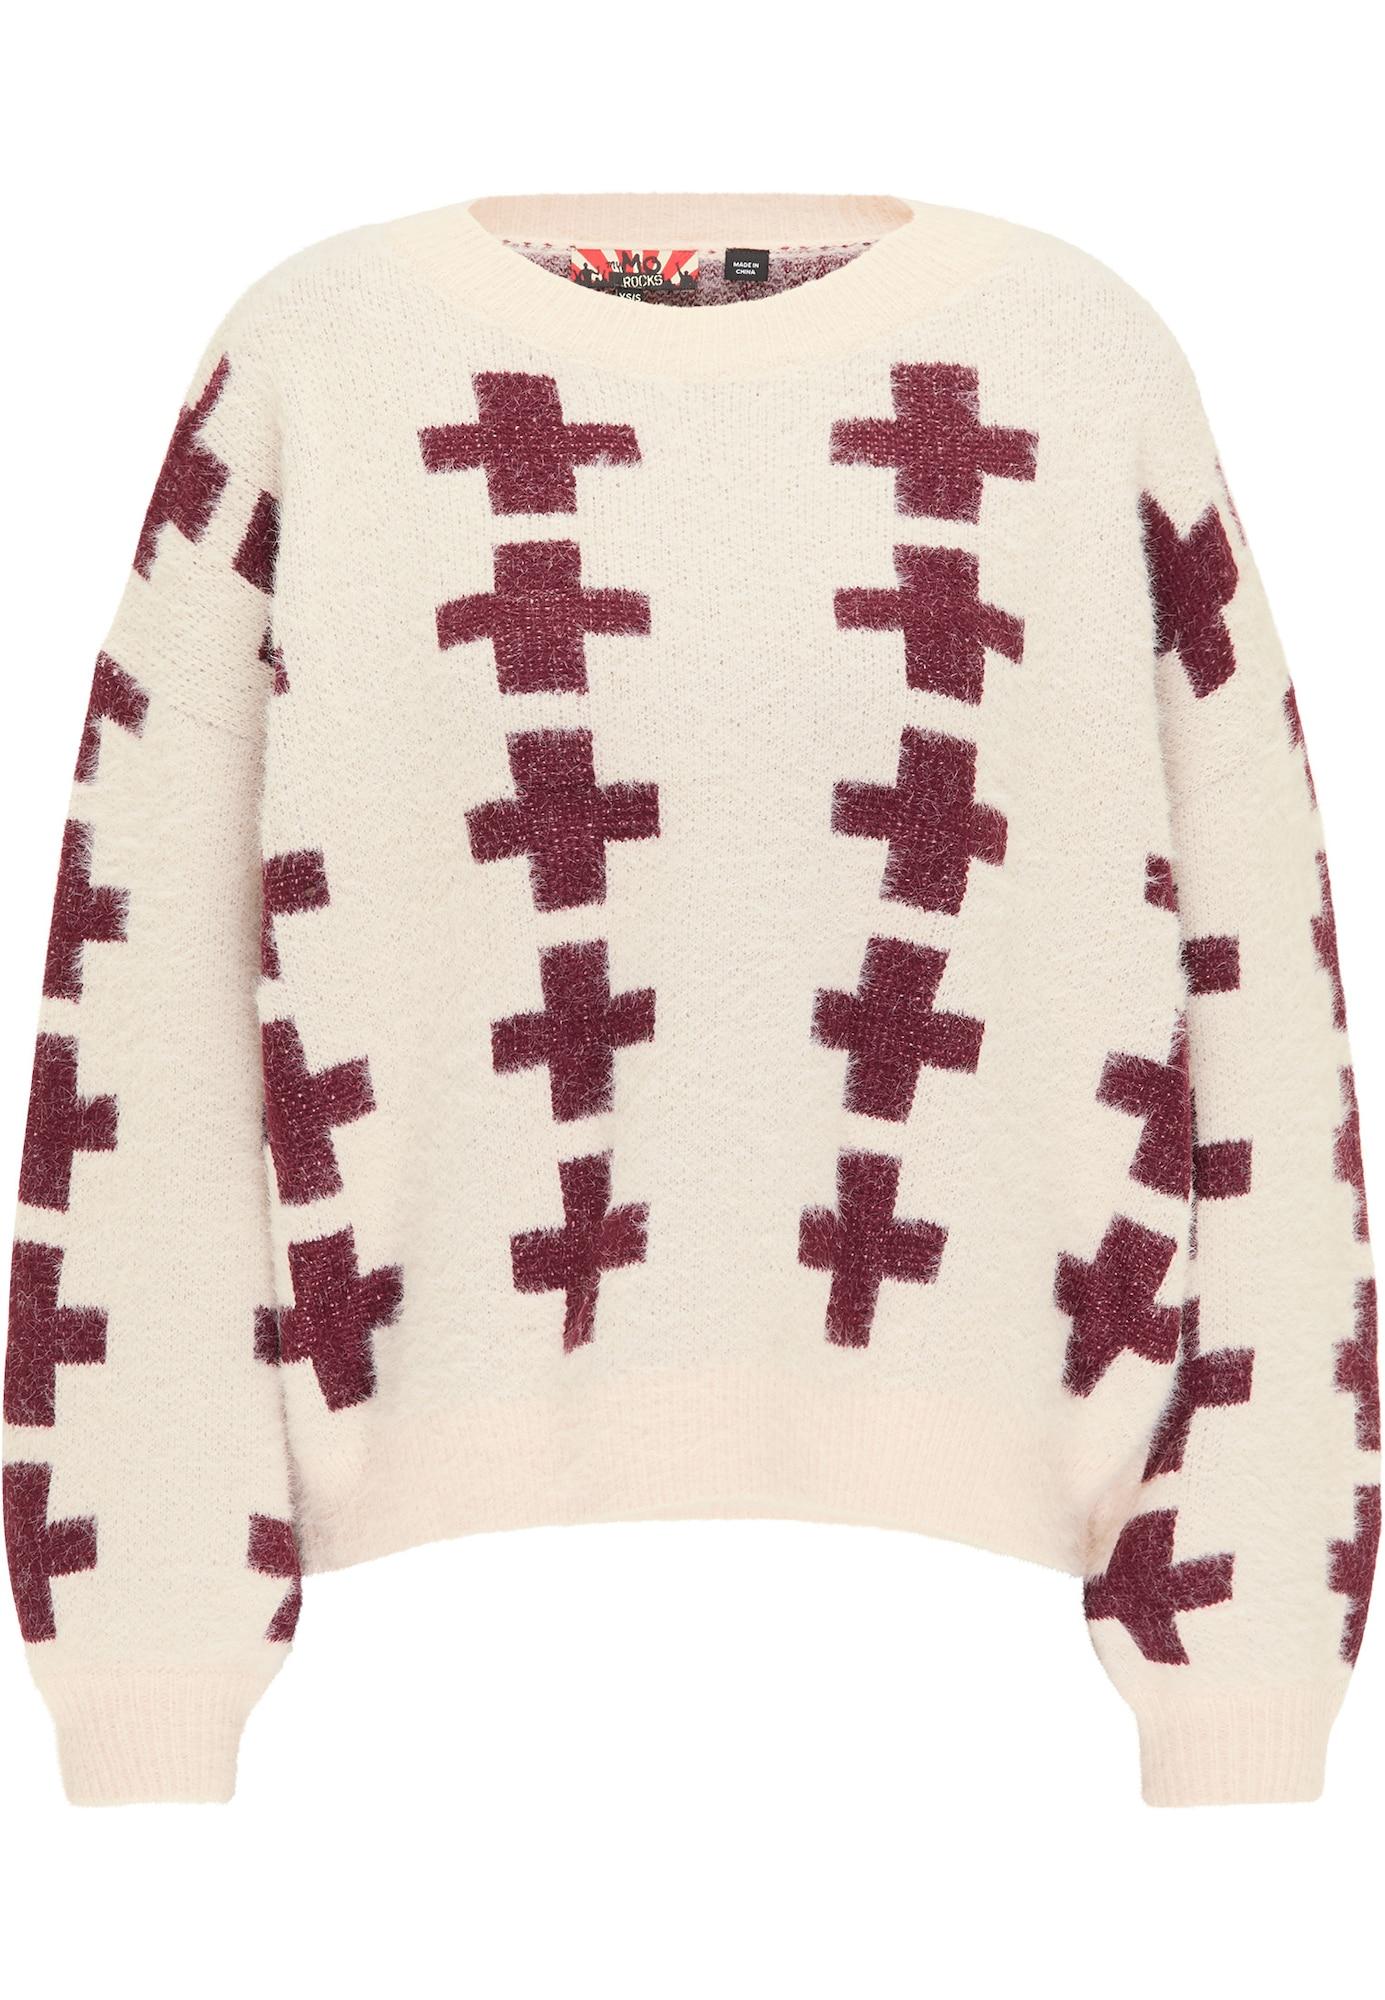 myMo ROCKS Laisvas megztinis vyno raudona spalva / kūno spalva